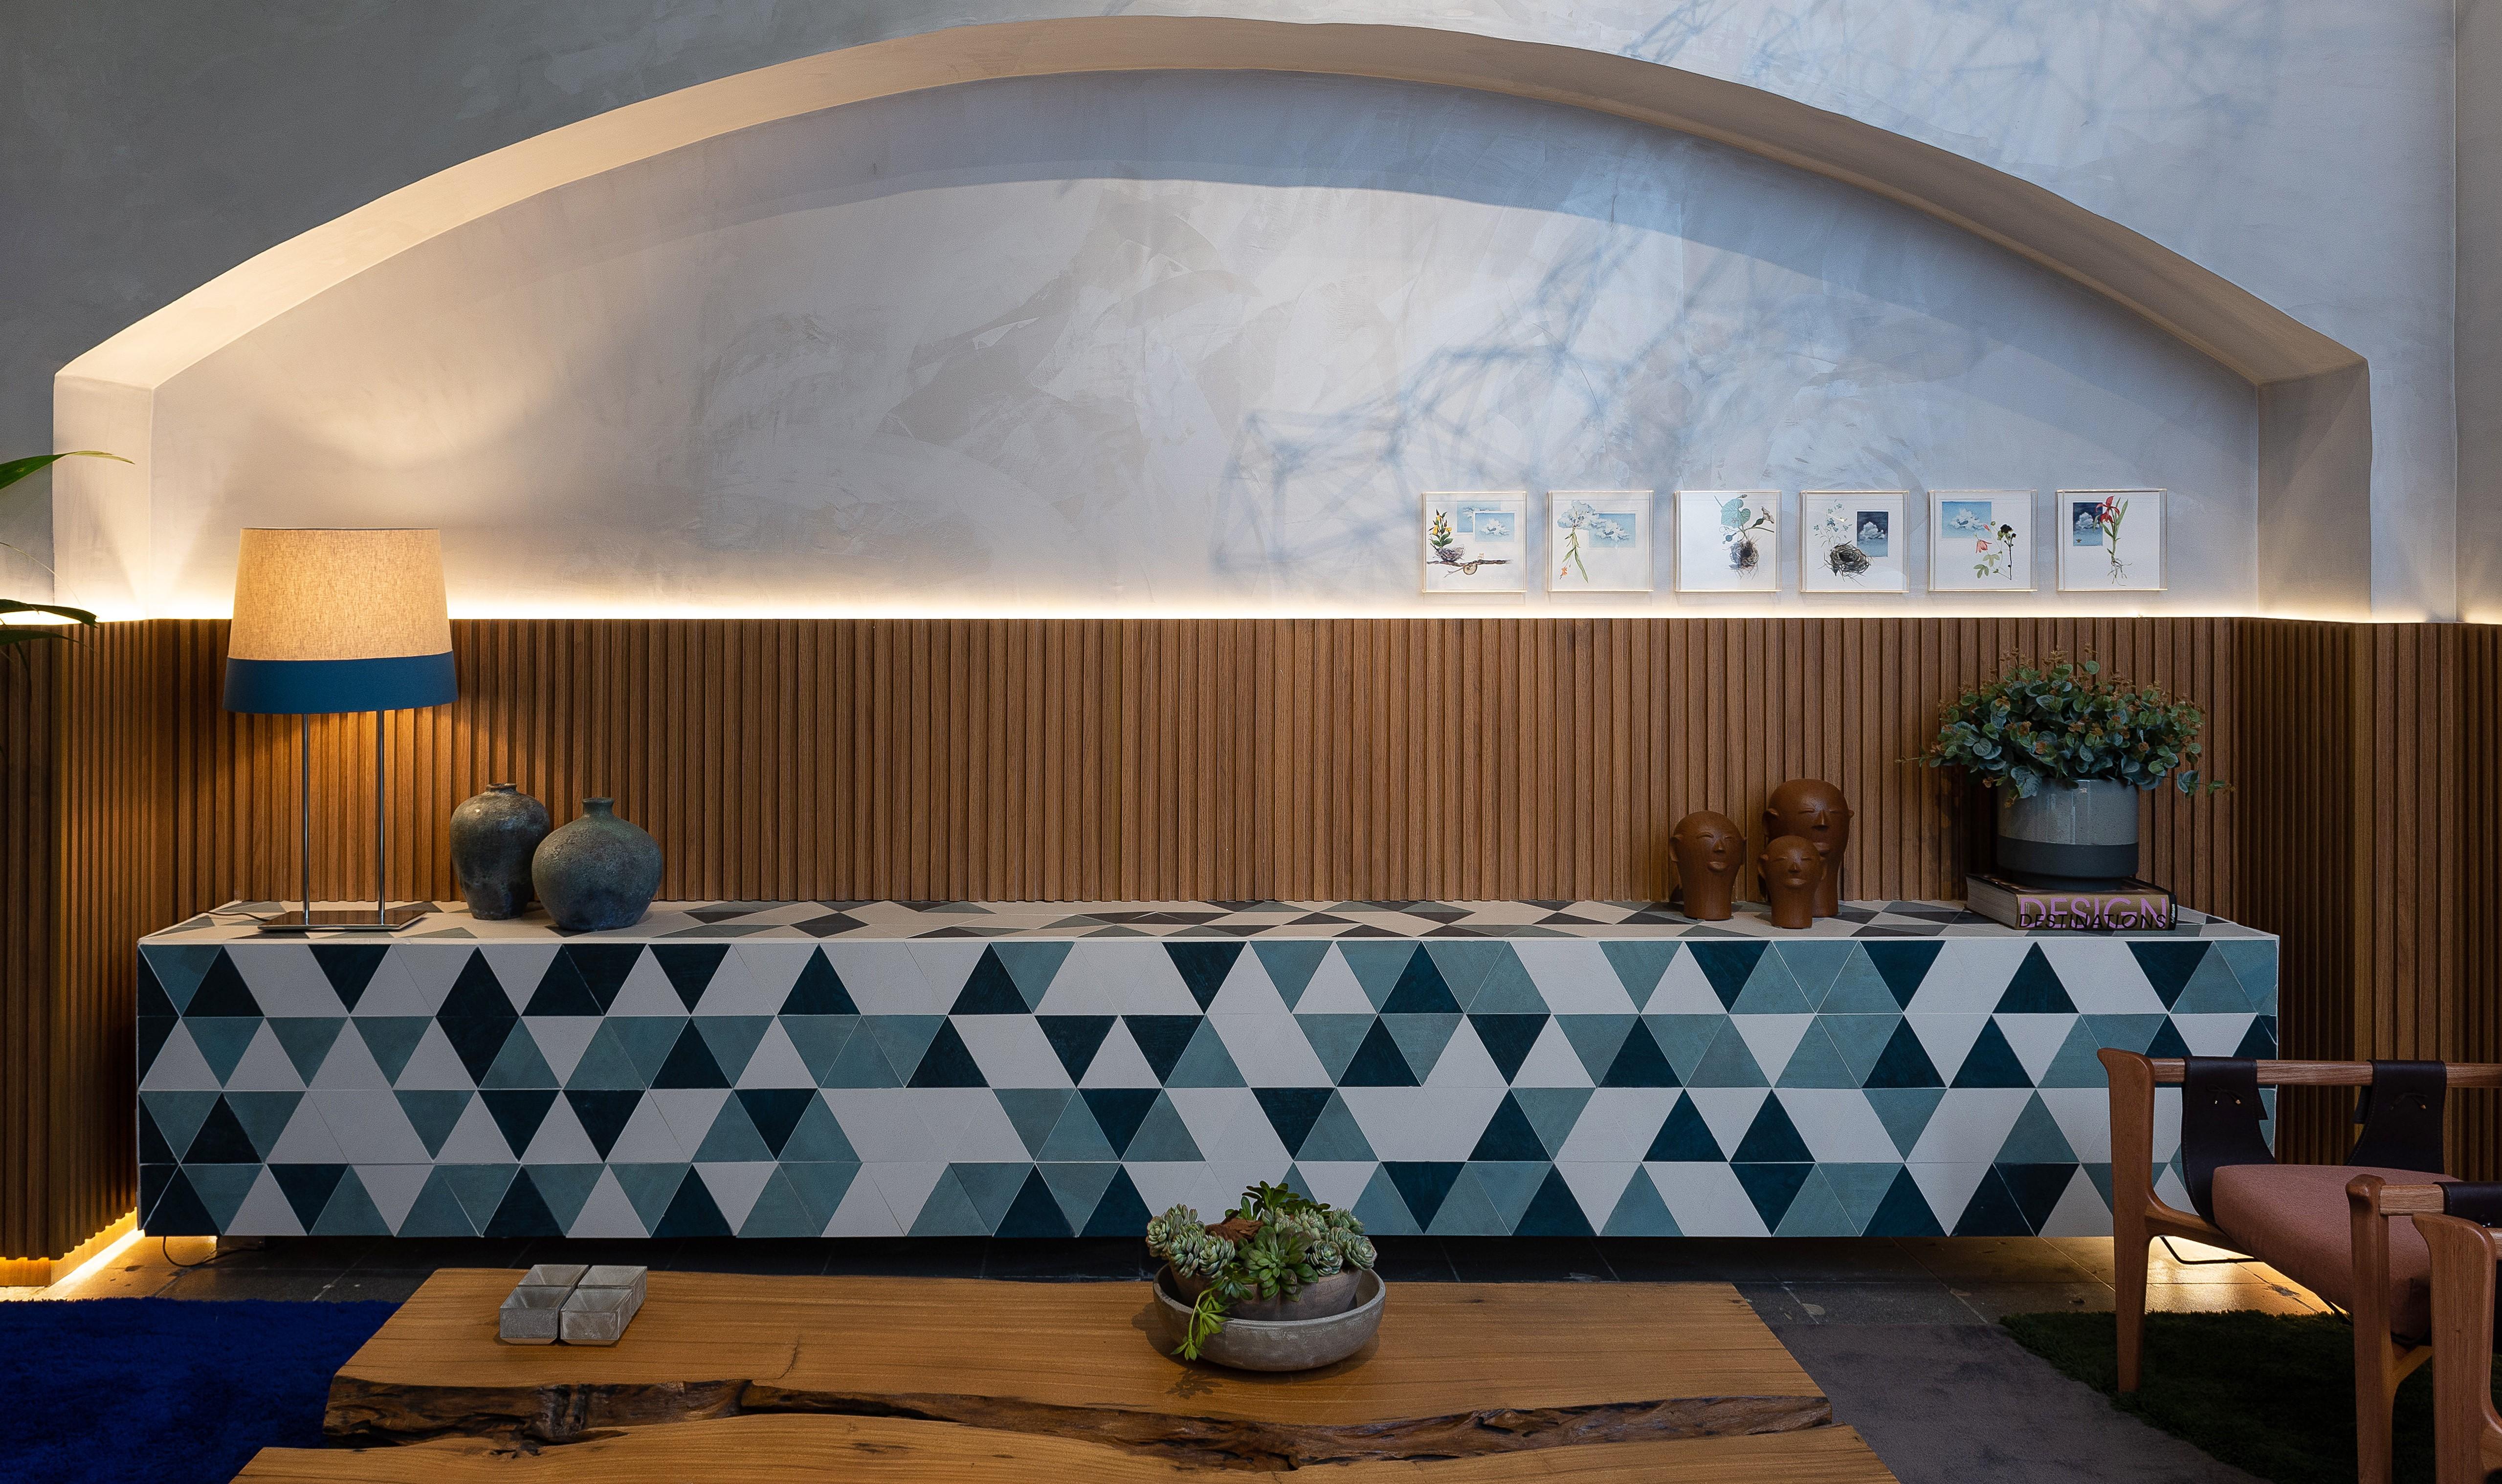 Ambiente com mesa de madeira bruta, poltrona de madeira e um enorme balcão com figuras geométricas. Nas paredes, porcelanato que imita mármore e madeira.   Weiss Arquitetura na CASACOR 2019.